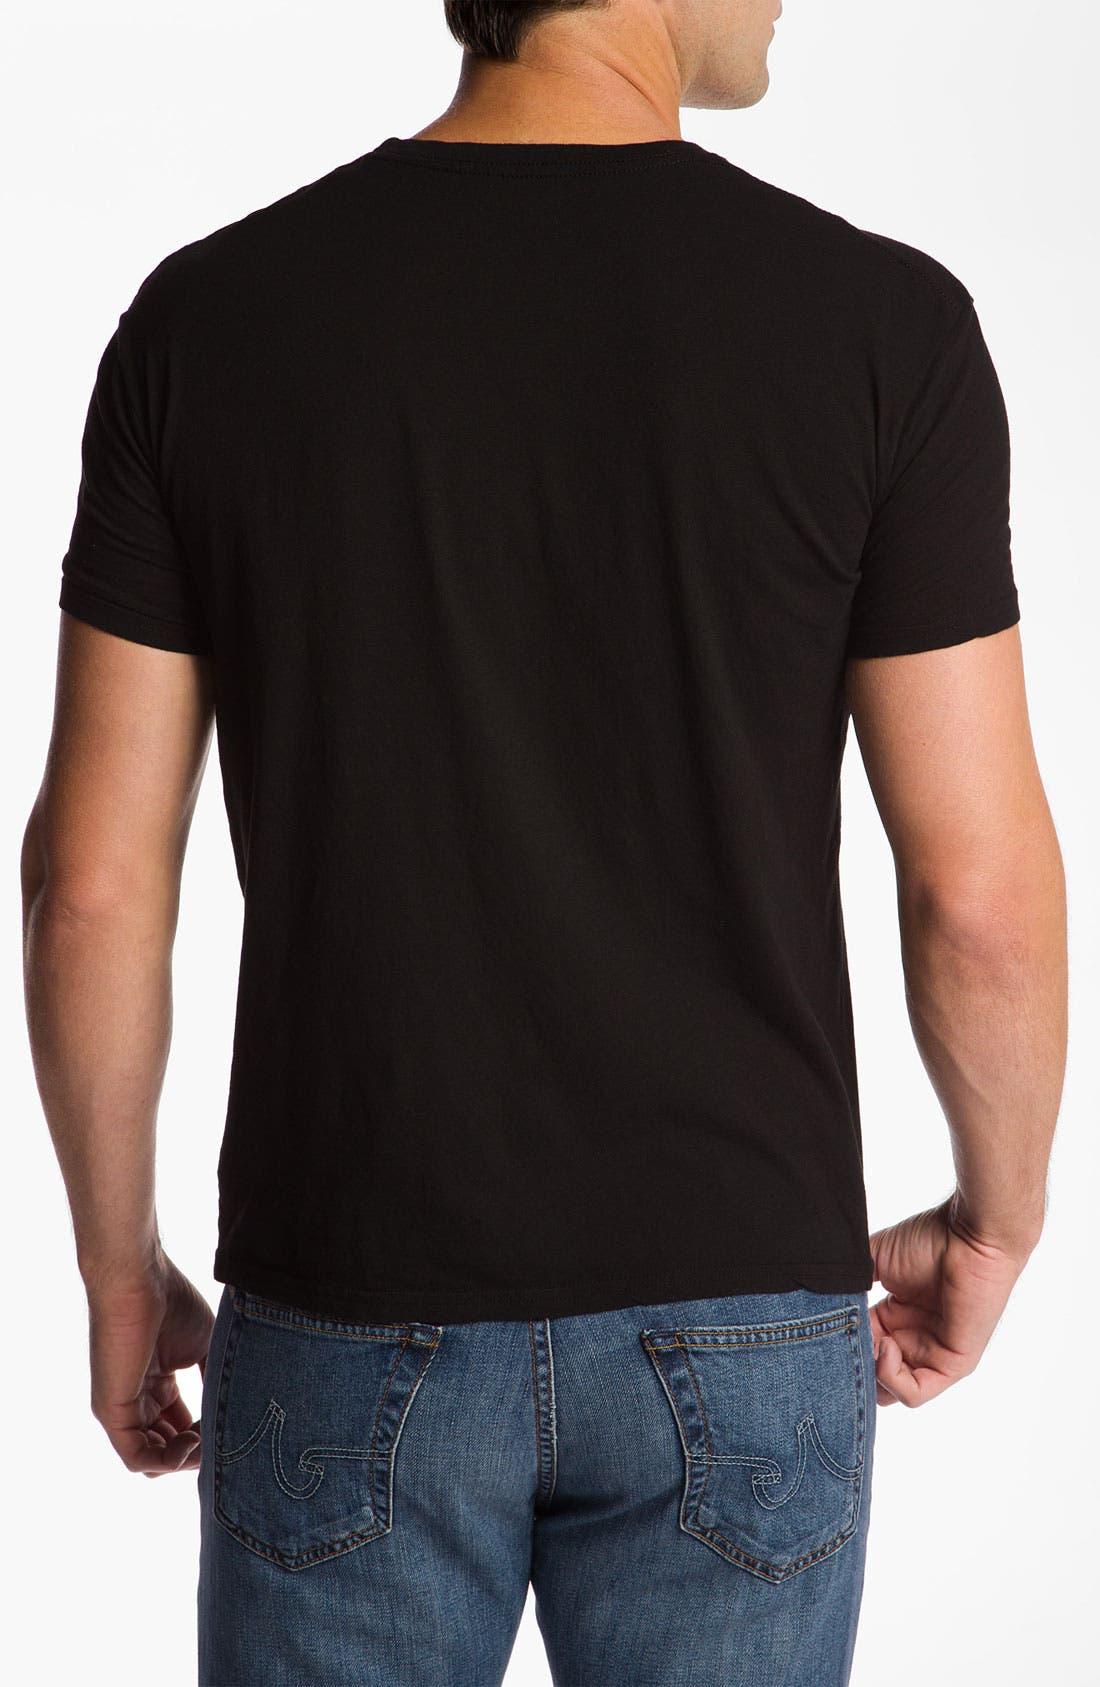 Alternate Image 2  - The Original Retro Brand 'Ohio State Buckeyes' T-Shirt